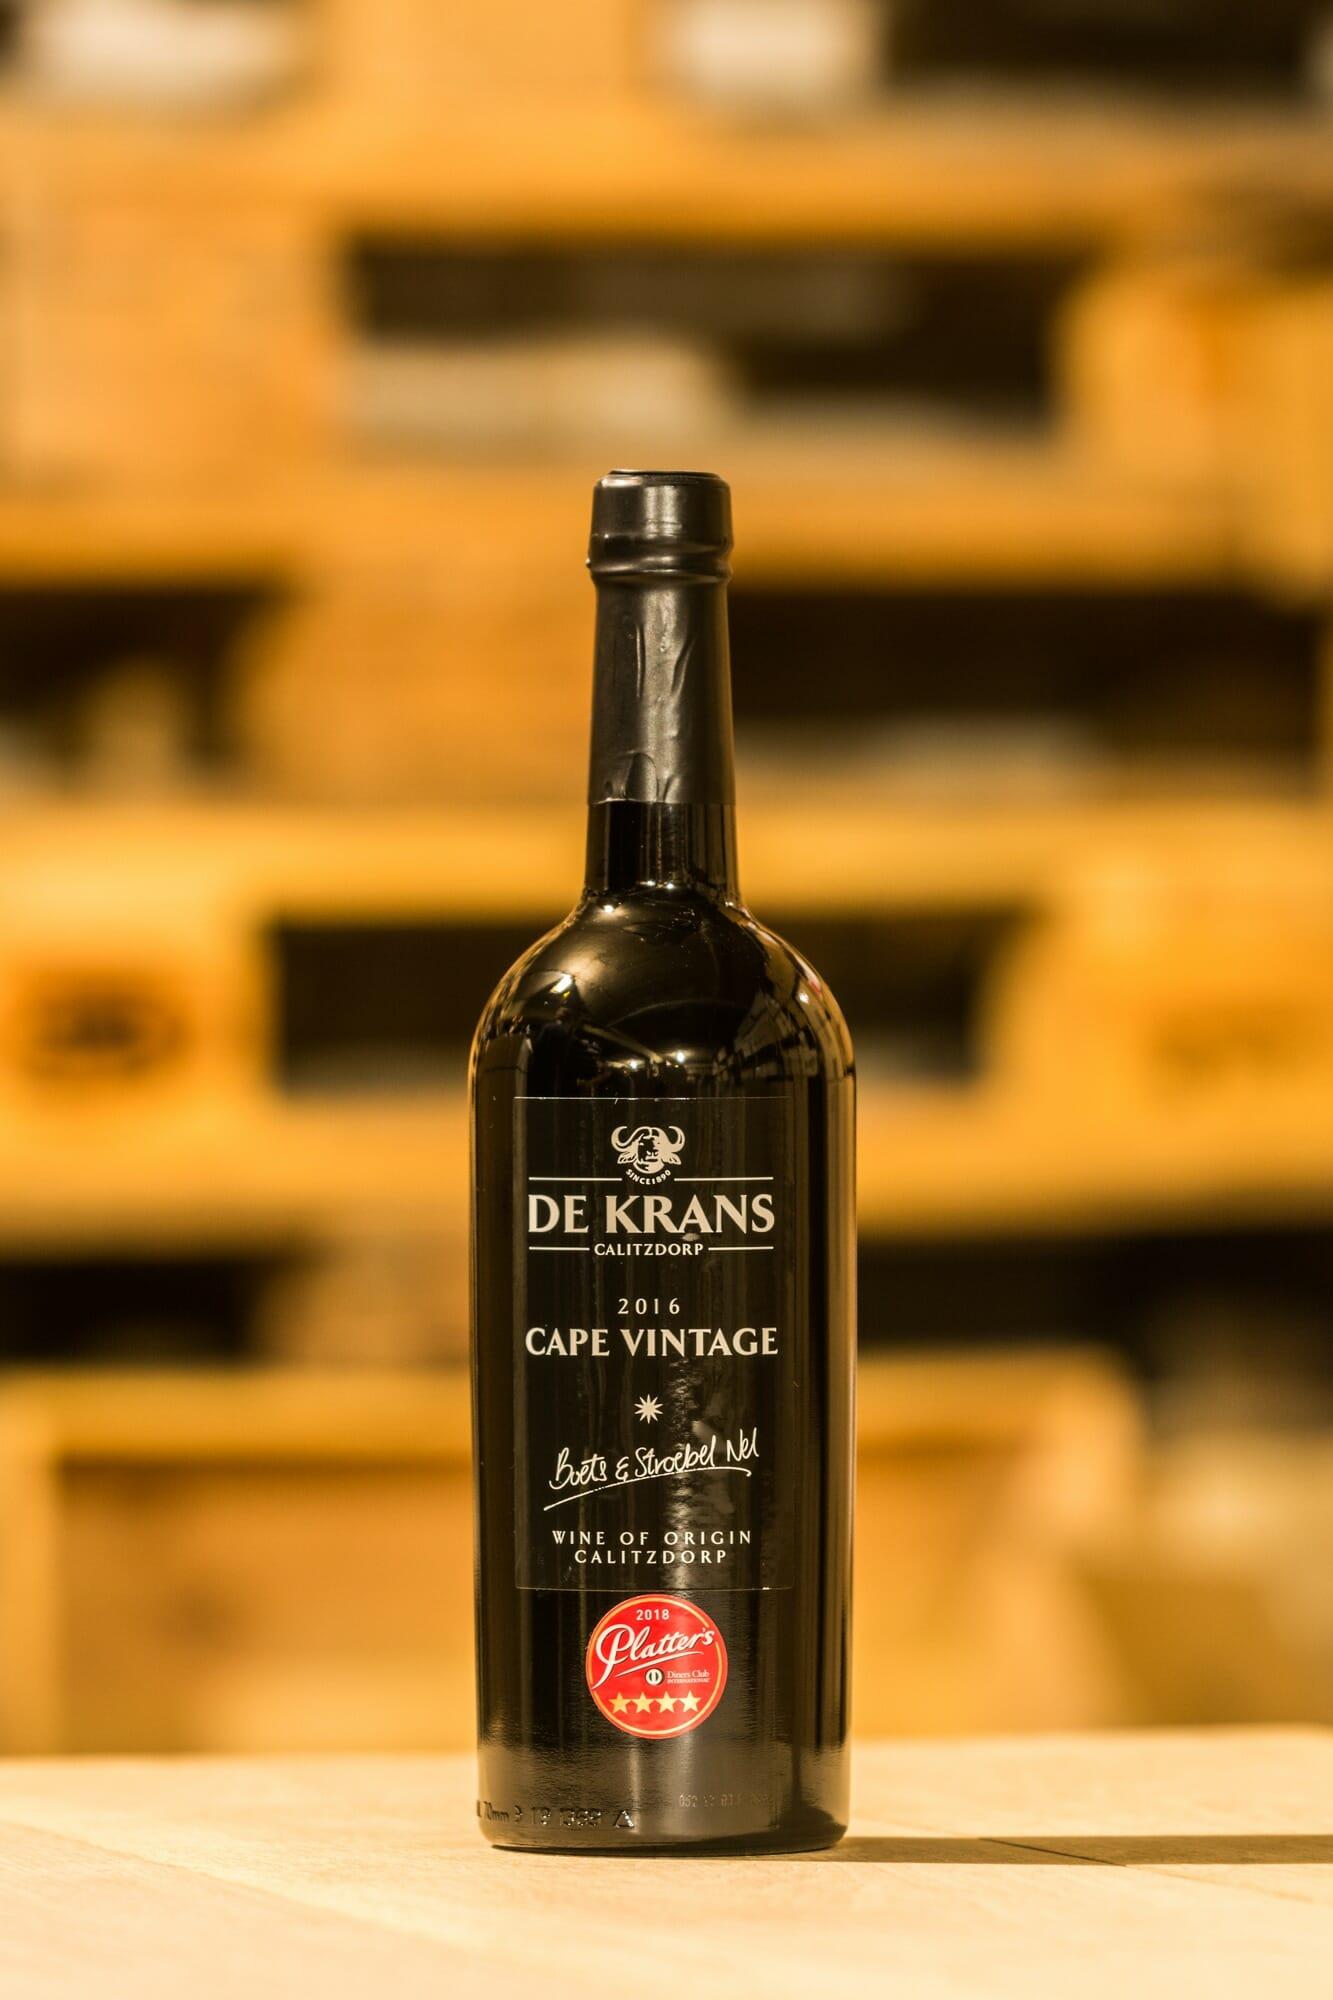 De Krans Cape Vintage 2017